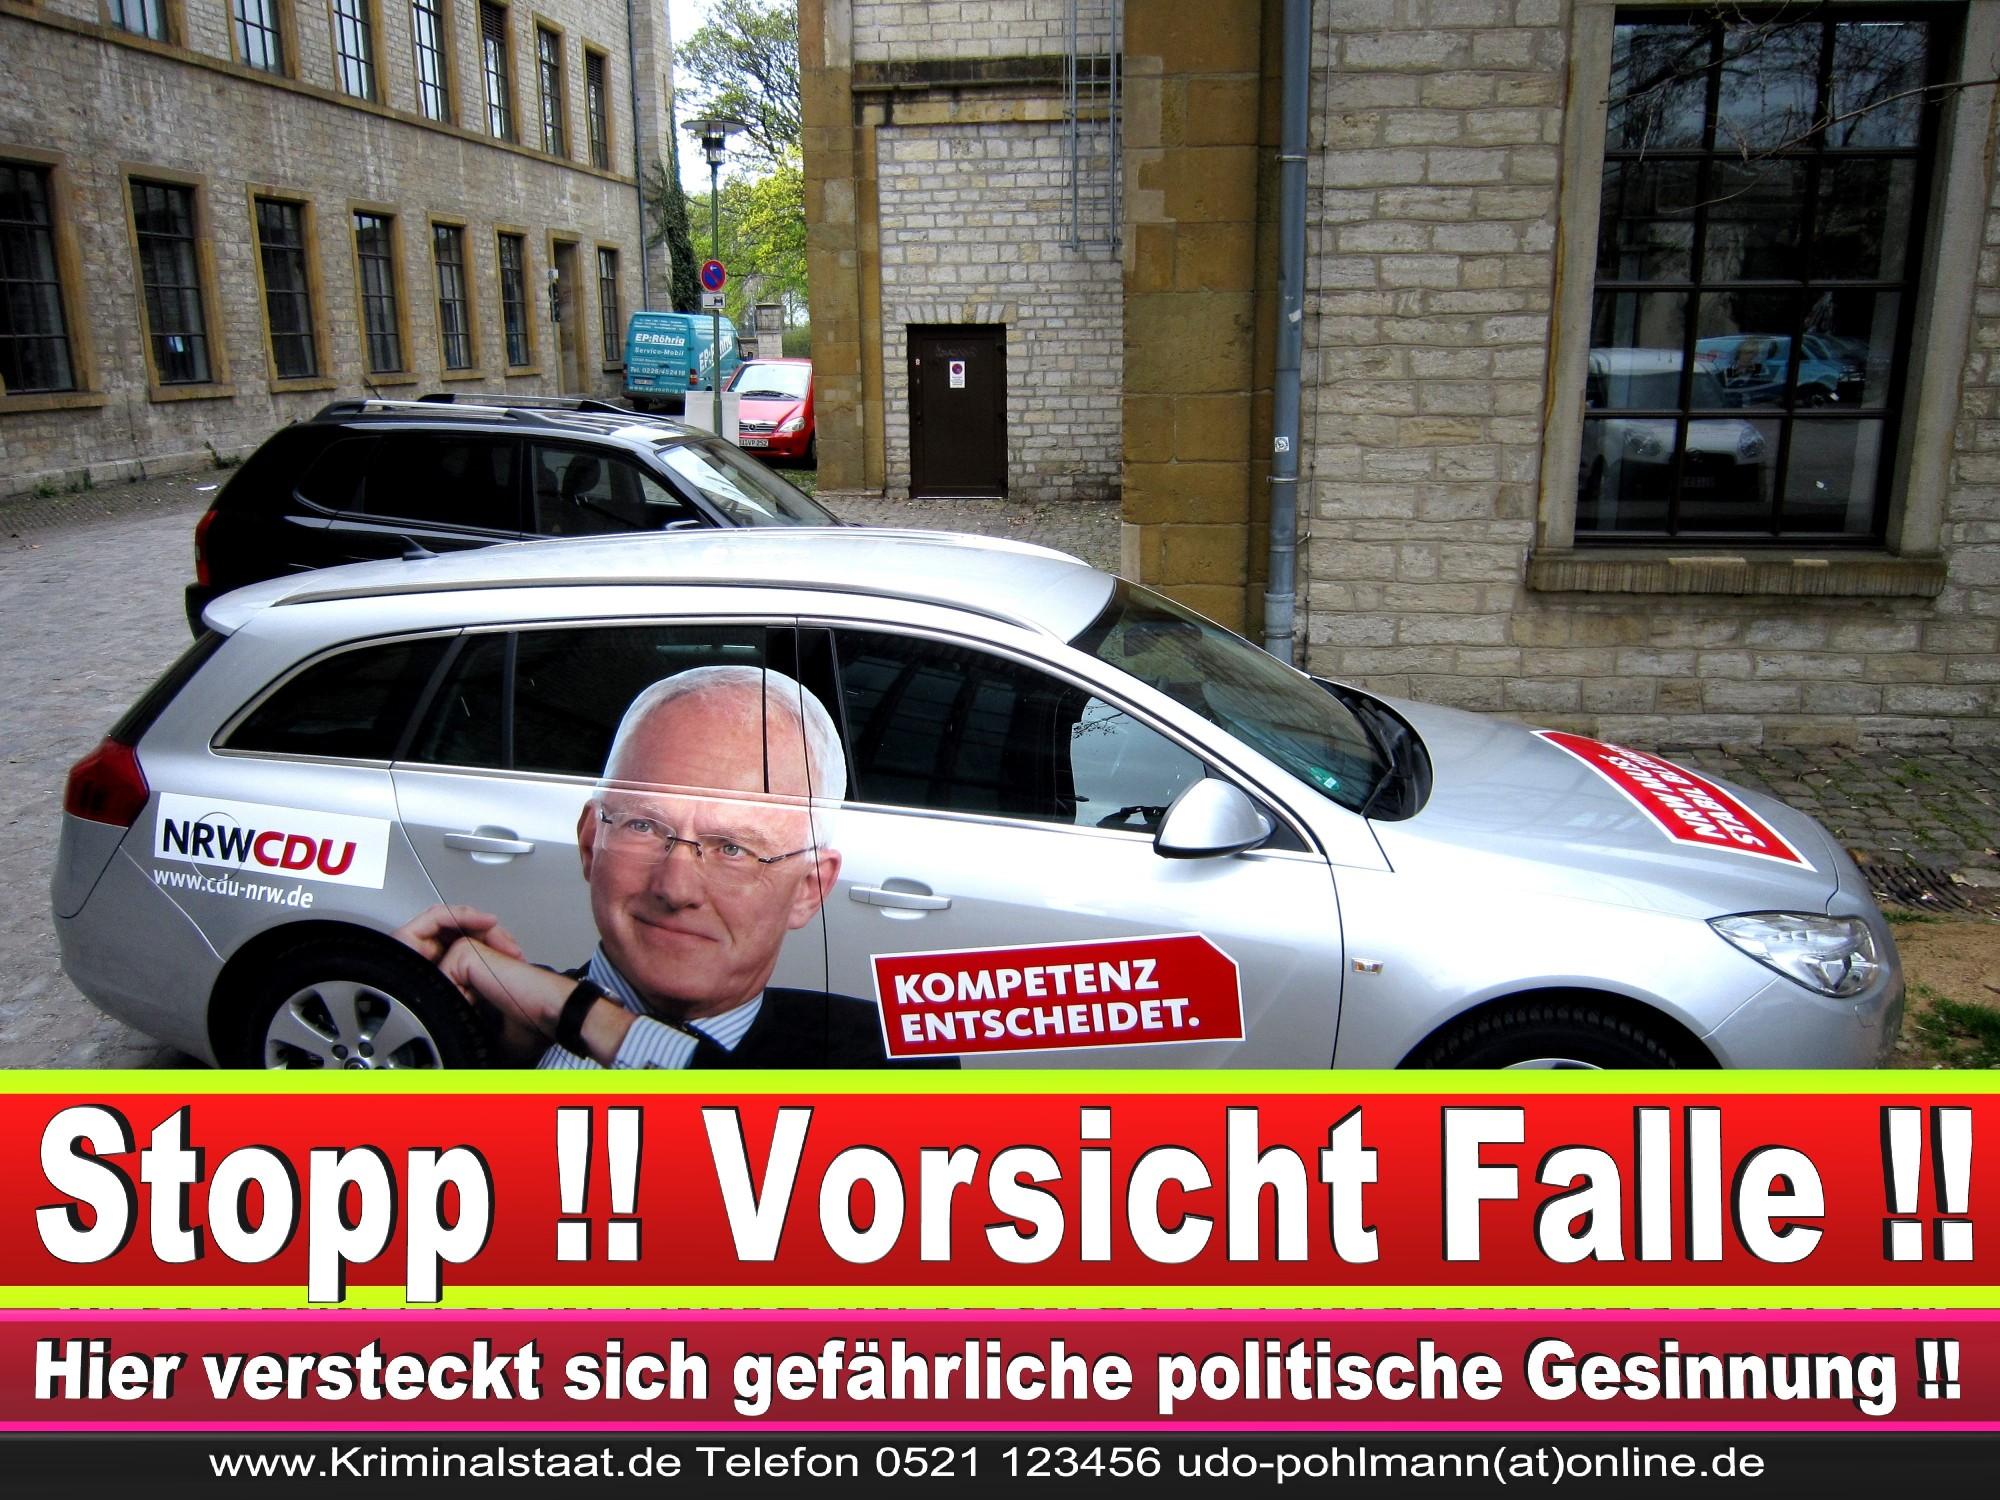 Wahlwerbung Wahlplakate Landtagswahl 2019 Europawahl CDU SPD FDP 2021 (11)